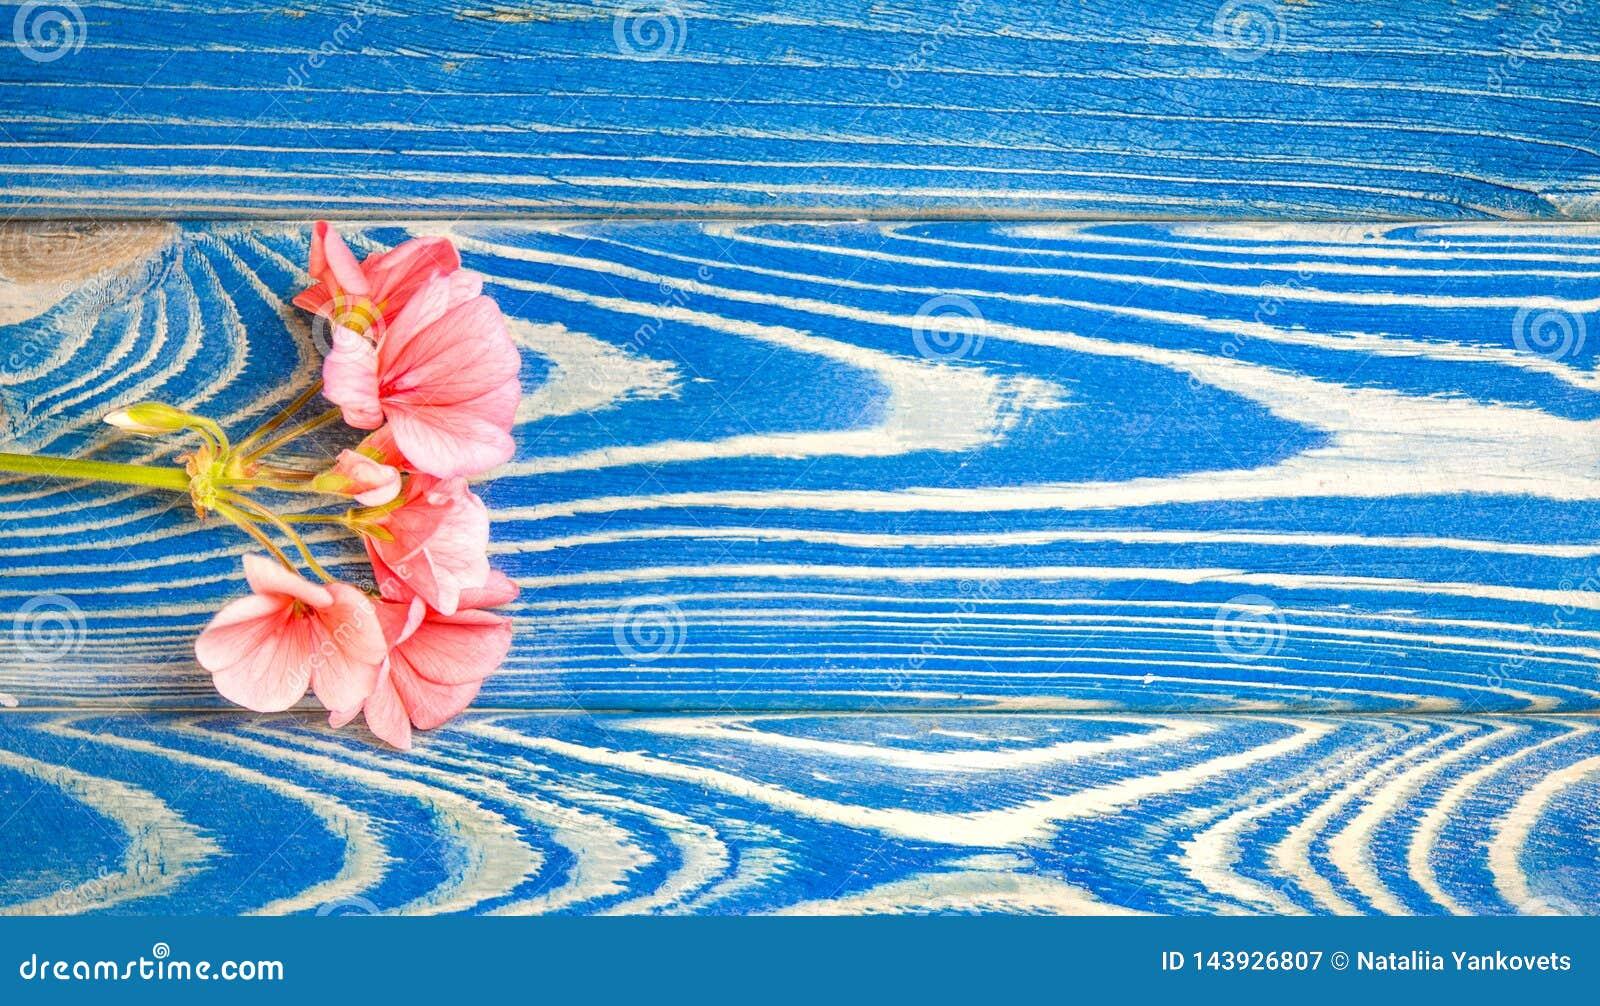 Το λουλούδι ενός γερανιού του χρώματος κοραλλιών βρίσκεται σε ένα άσπρο υπόβαθρο